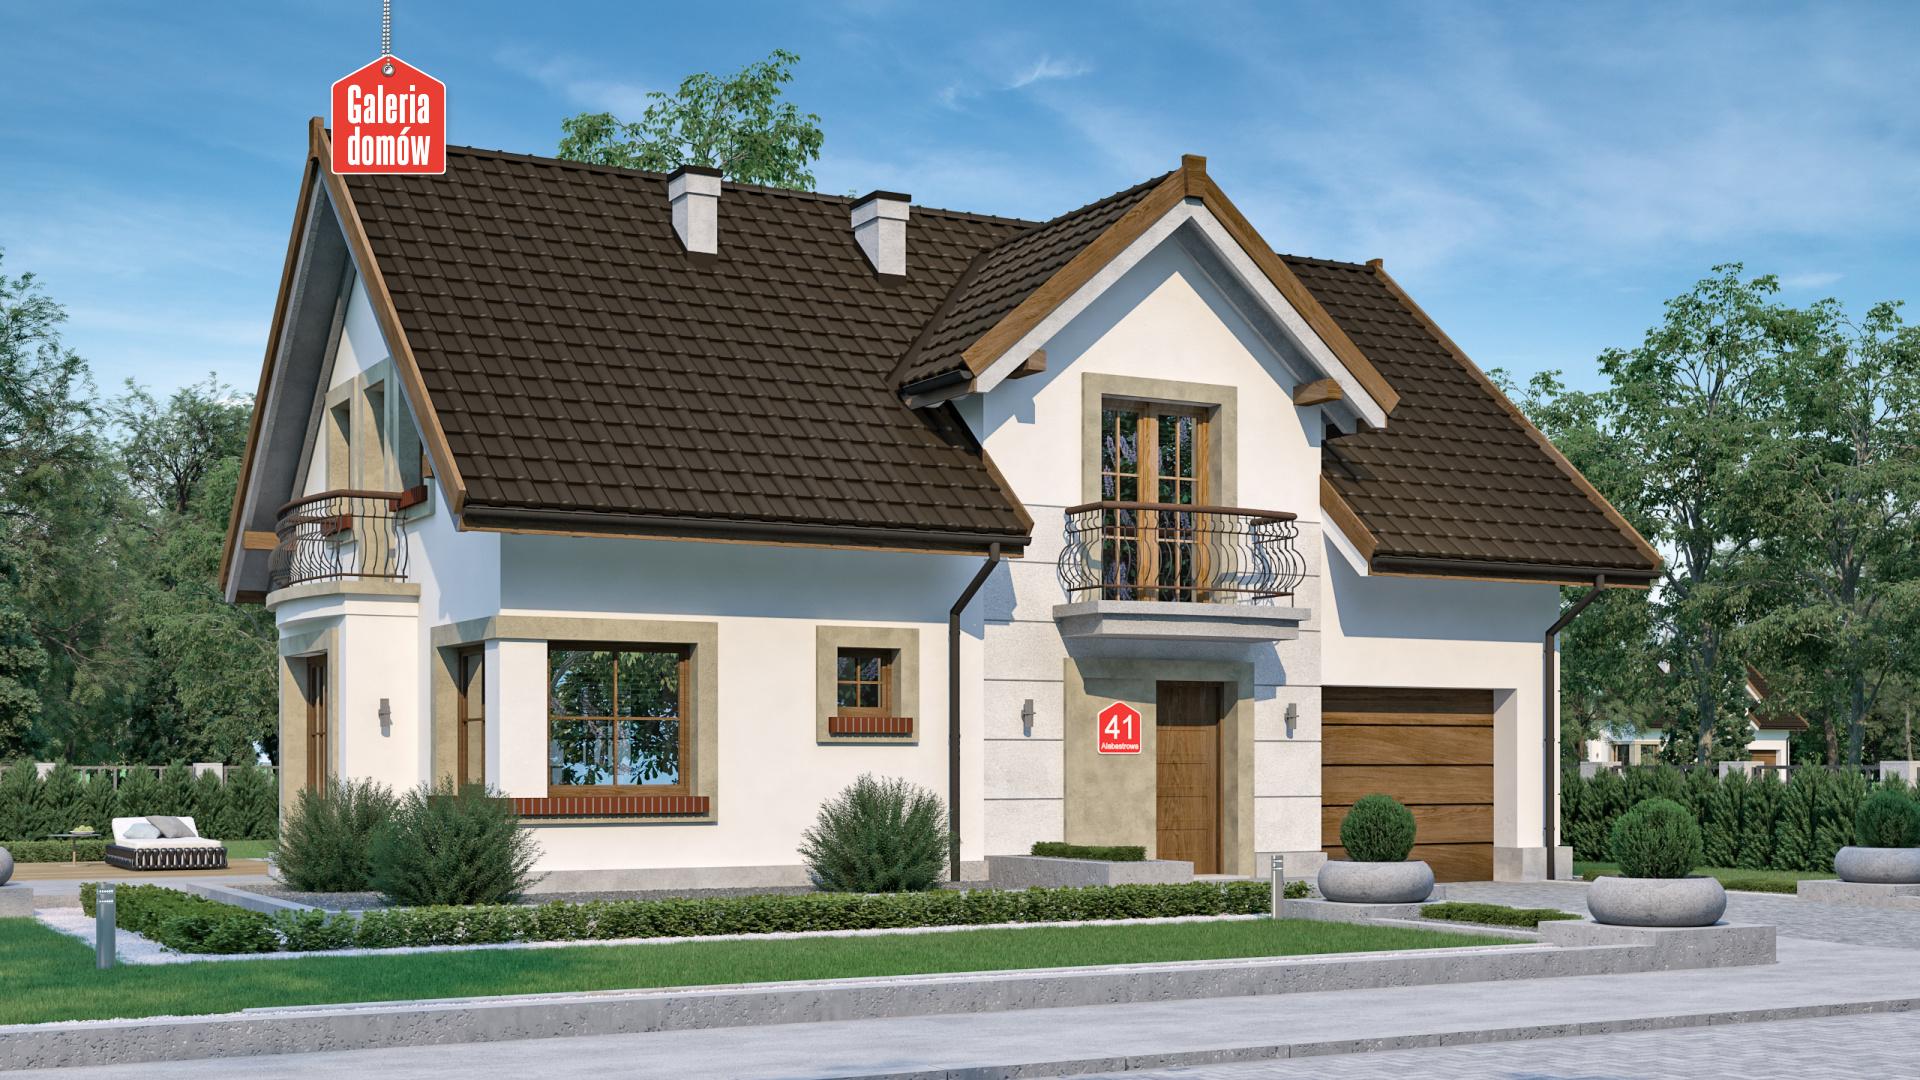 Dom przy Alabastrowej 41 - zdjęcie projektu i wizualizacja